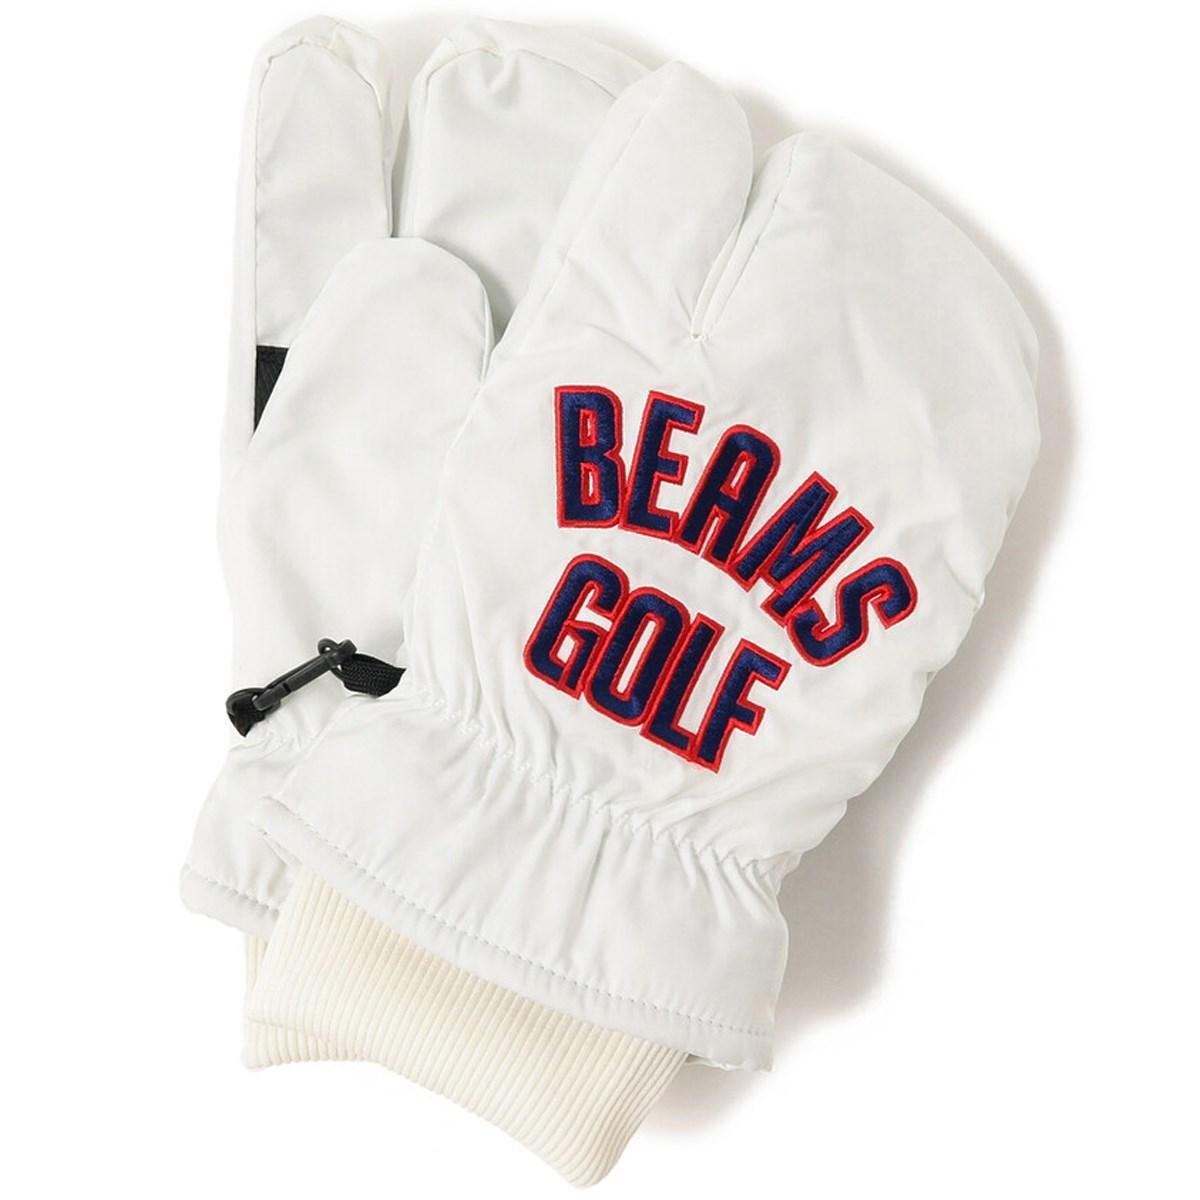 ビームスゴルフ <UNISEX>BEAMS GOLF ミトン ハンドウォーマー 両手用